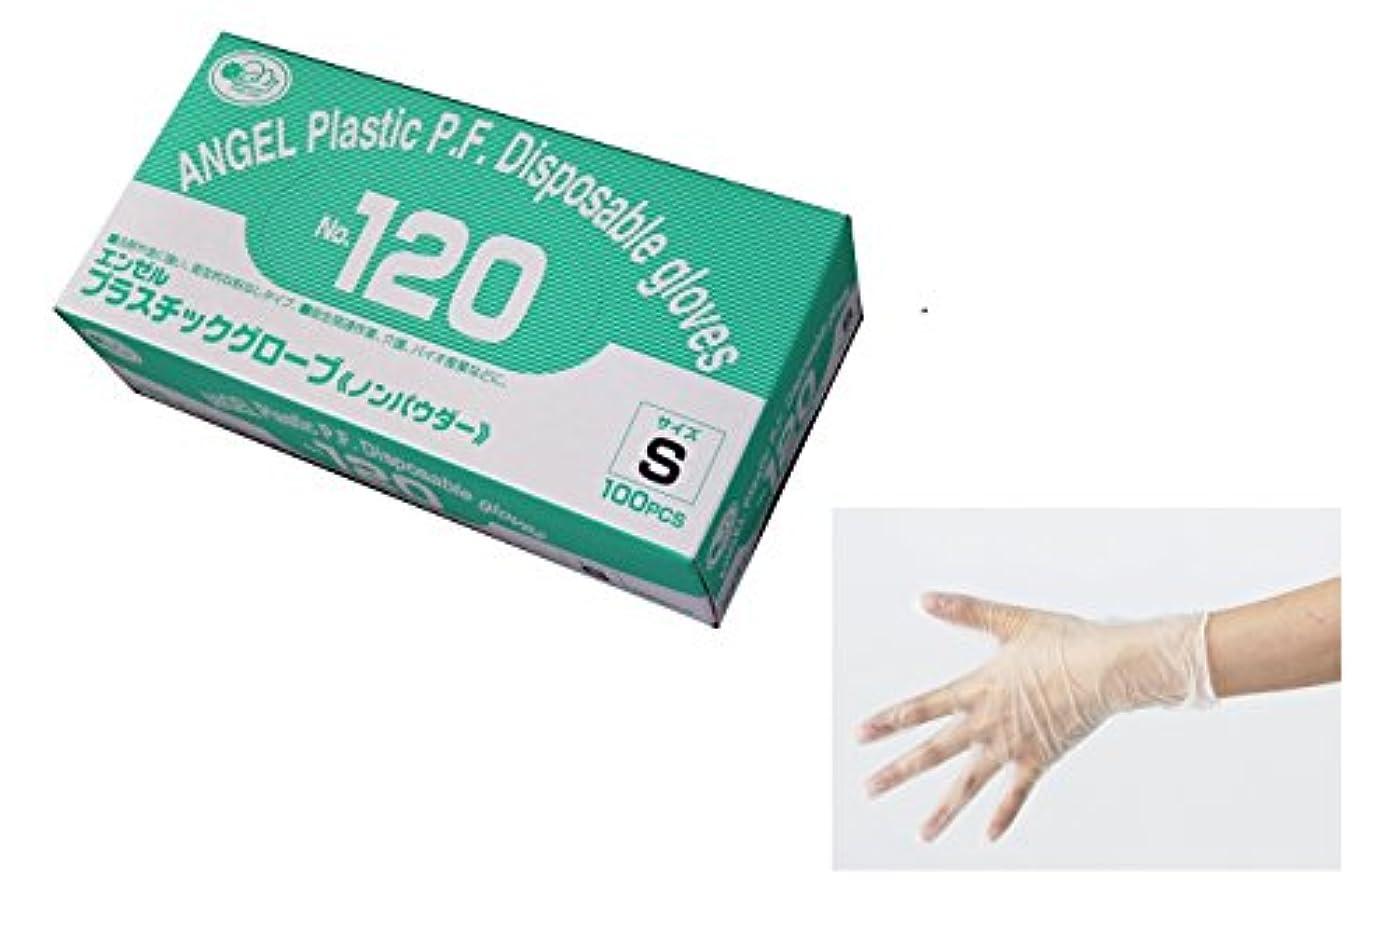 適用済みクラシカル製造業サンフラワー No.120 プラスチックグローブ ノンパウダー 100枚入り (S)